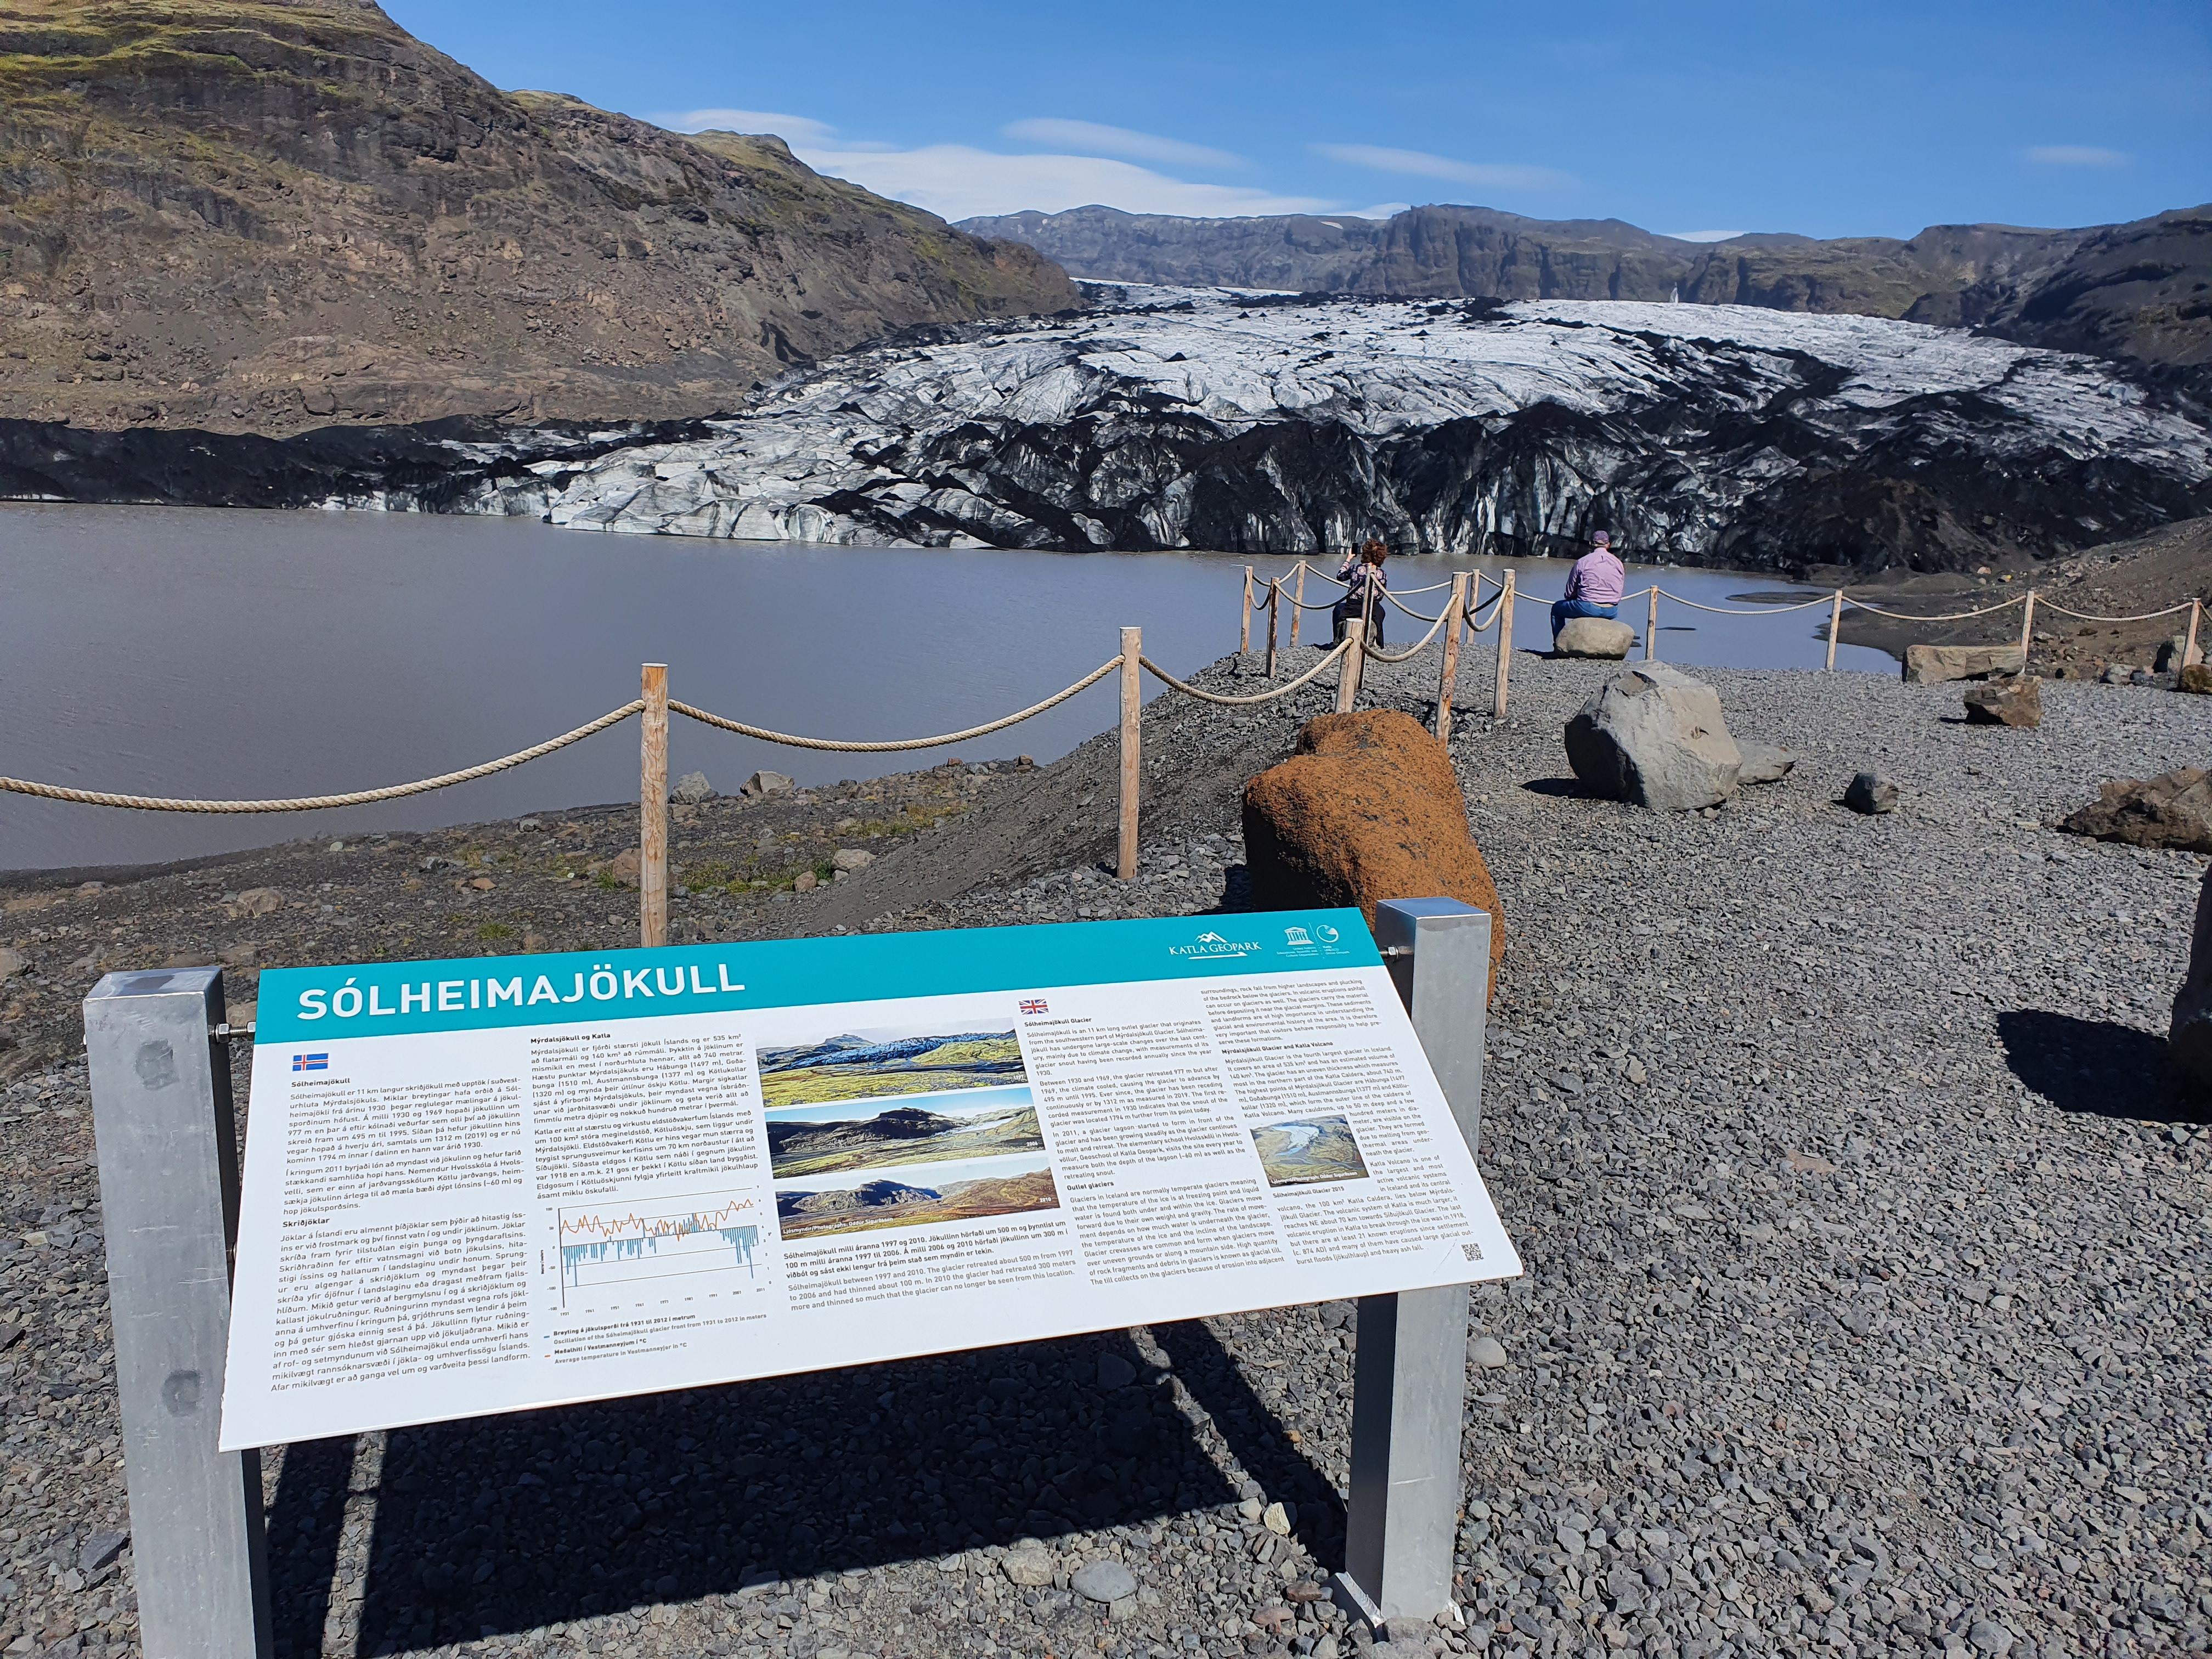 Gletschersee des Solheimajökull